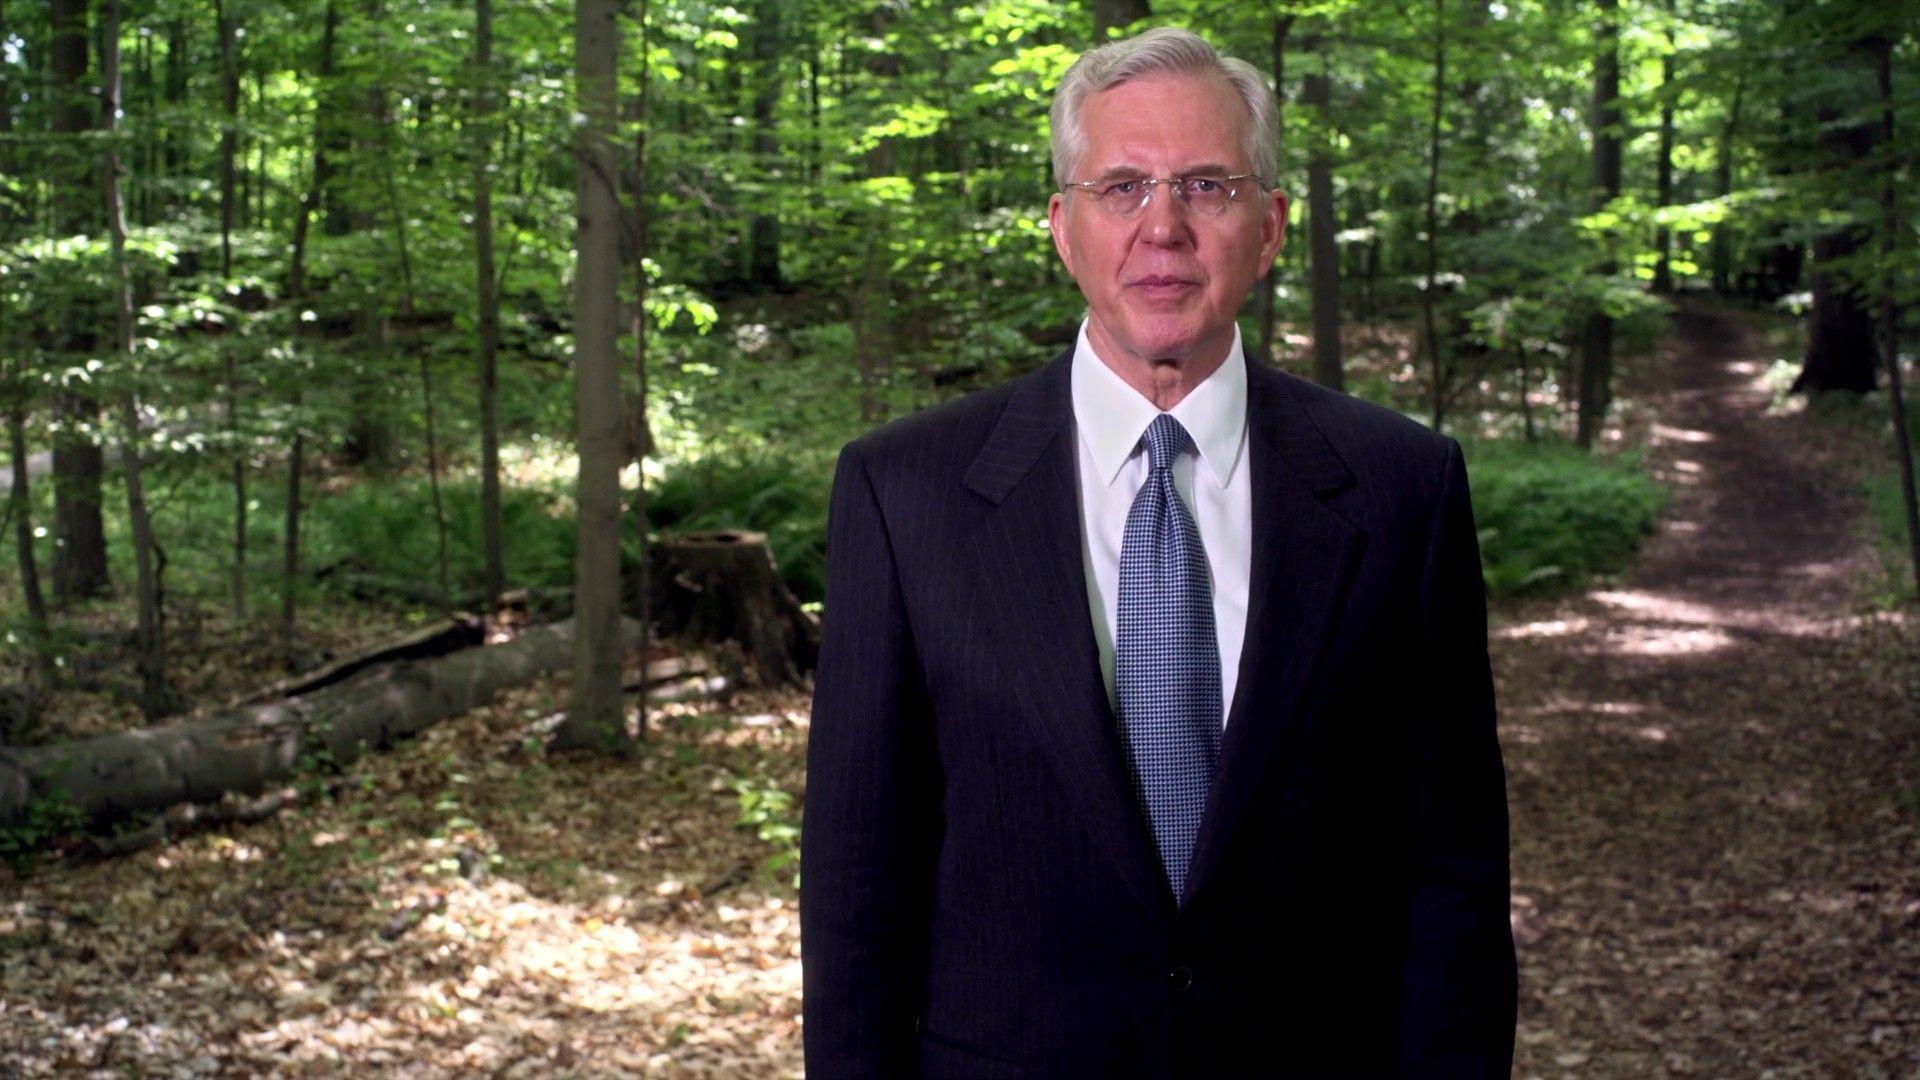 El élder Christofferson comparte su testimonio de que José Smith vio a Dios el Padre y a Jesucristo en la Arboleda Sagrada.